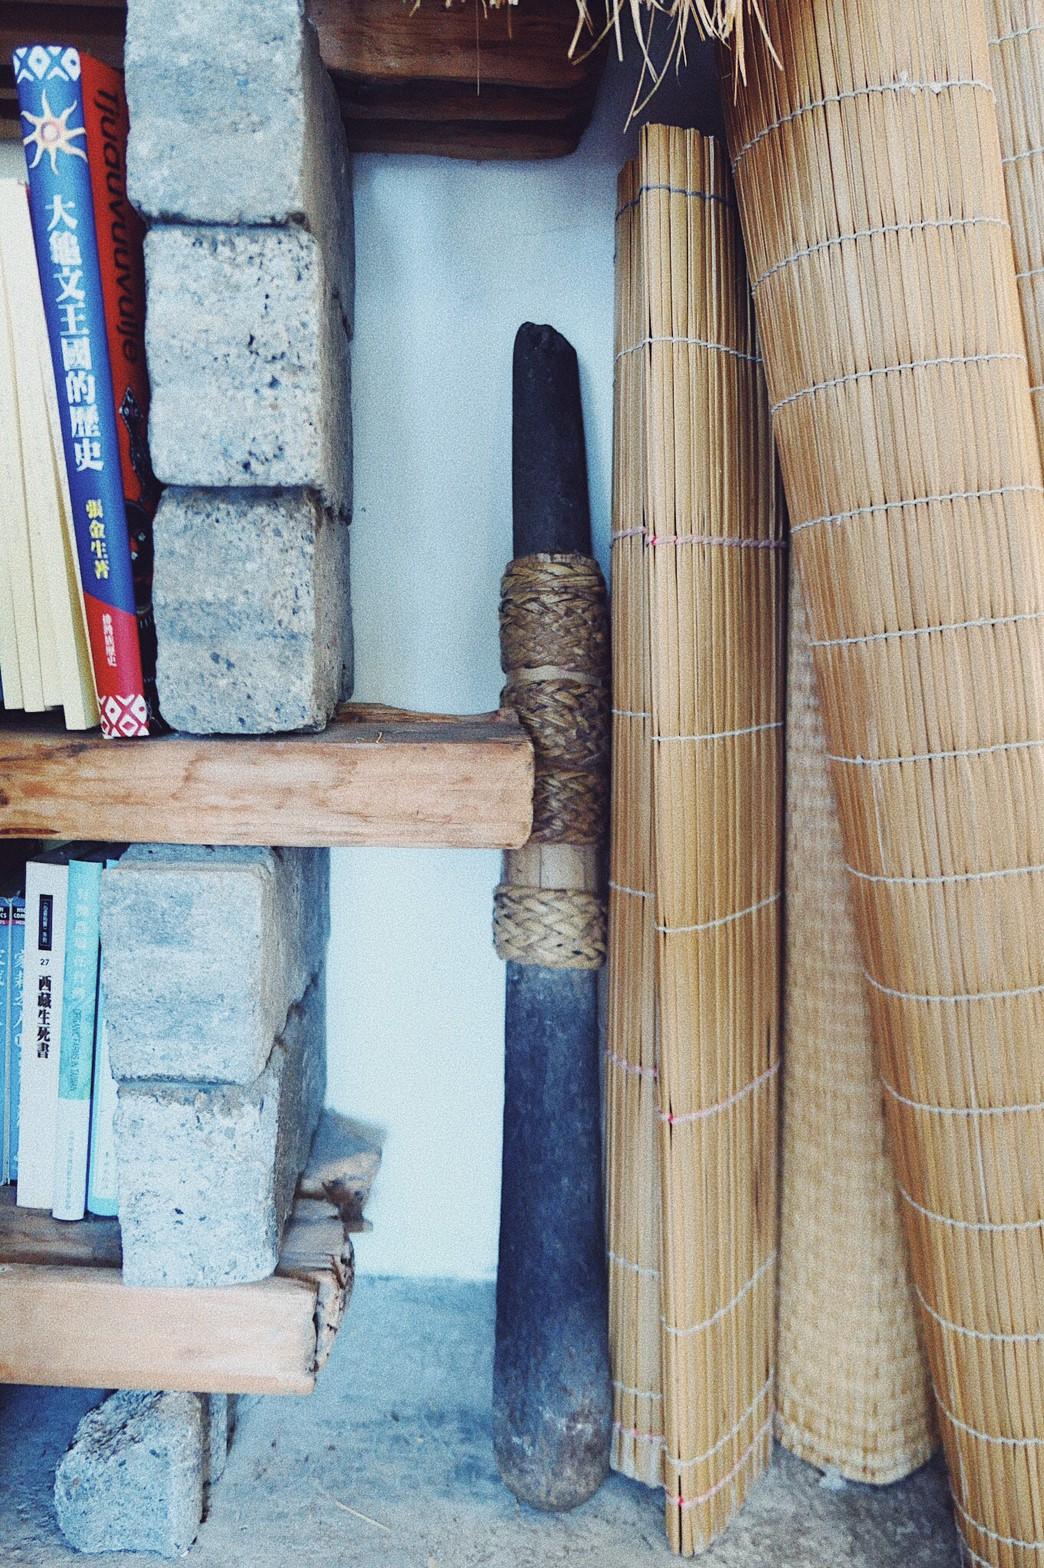 石杵的兩端成圓柱狀,一端較細、另一端較粗,中間以竹板扣住兩塊石製的杵身,再以藤環綑綁。藤環除了綑綁的功用之外,在搗的過程中,還有防止手滑的功能。